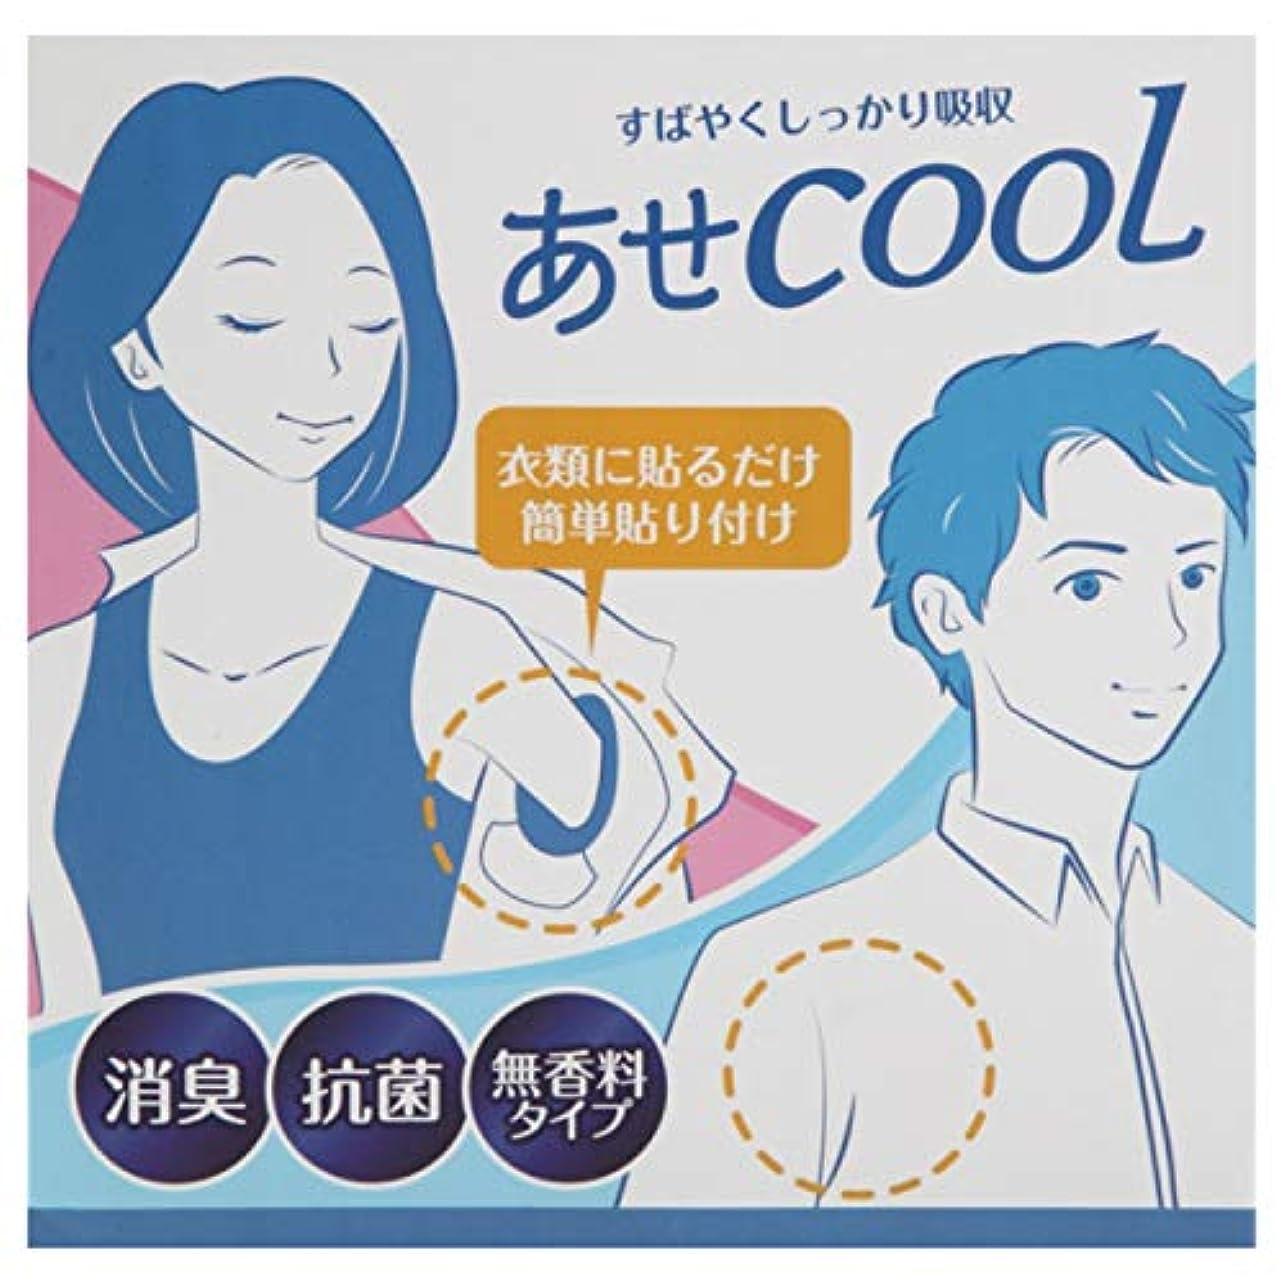 限定遺伝子取り替えるあせCOOL(あせクール) あせわきパッド 汗取りシート あせジミ防止 防臭シート お徳用100枚セット 白(ホワイト)